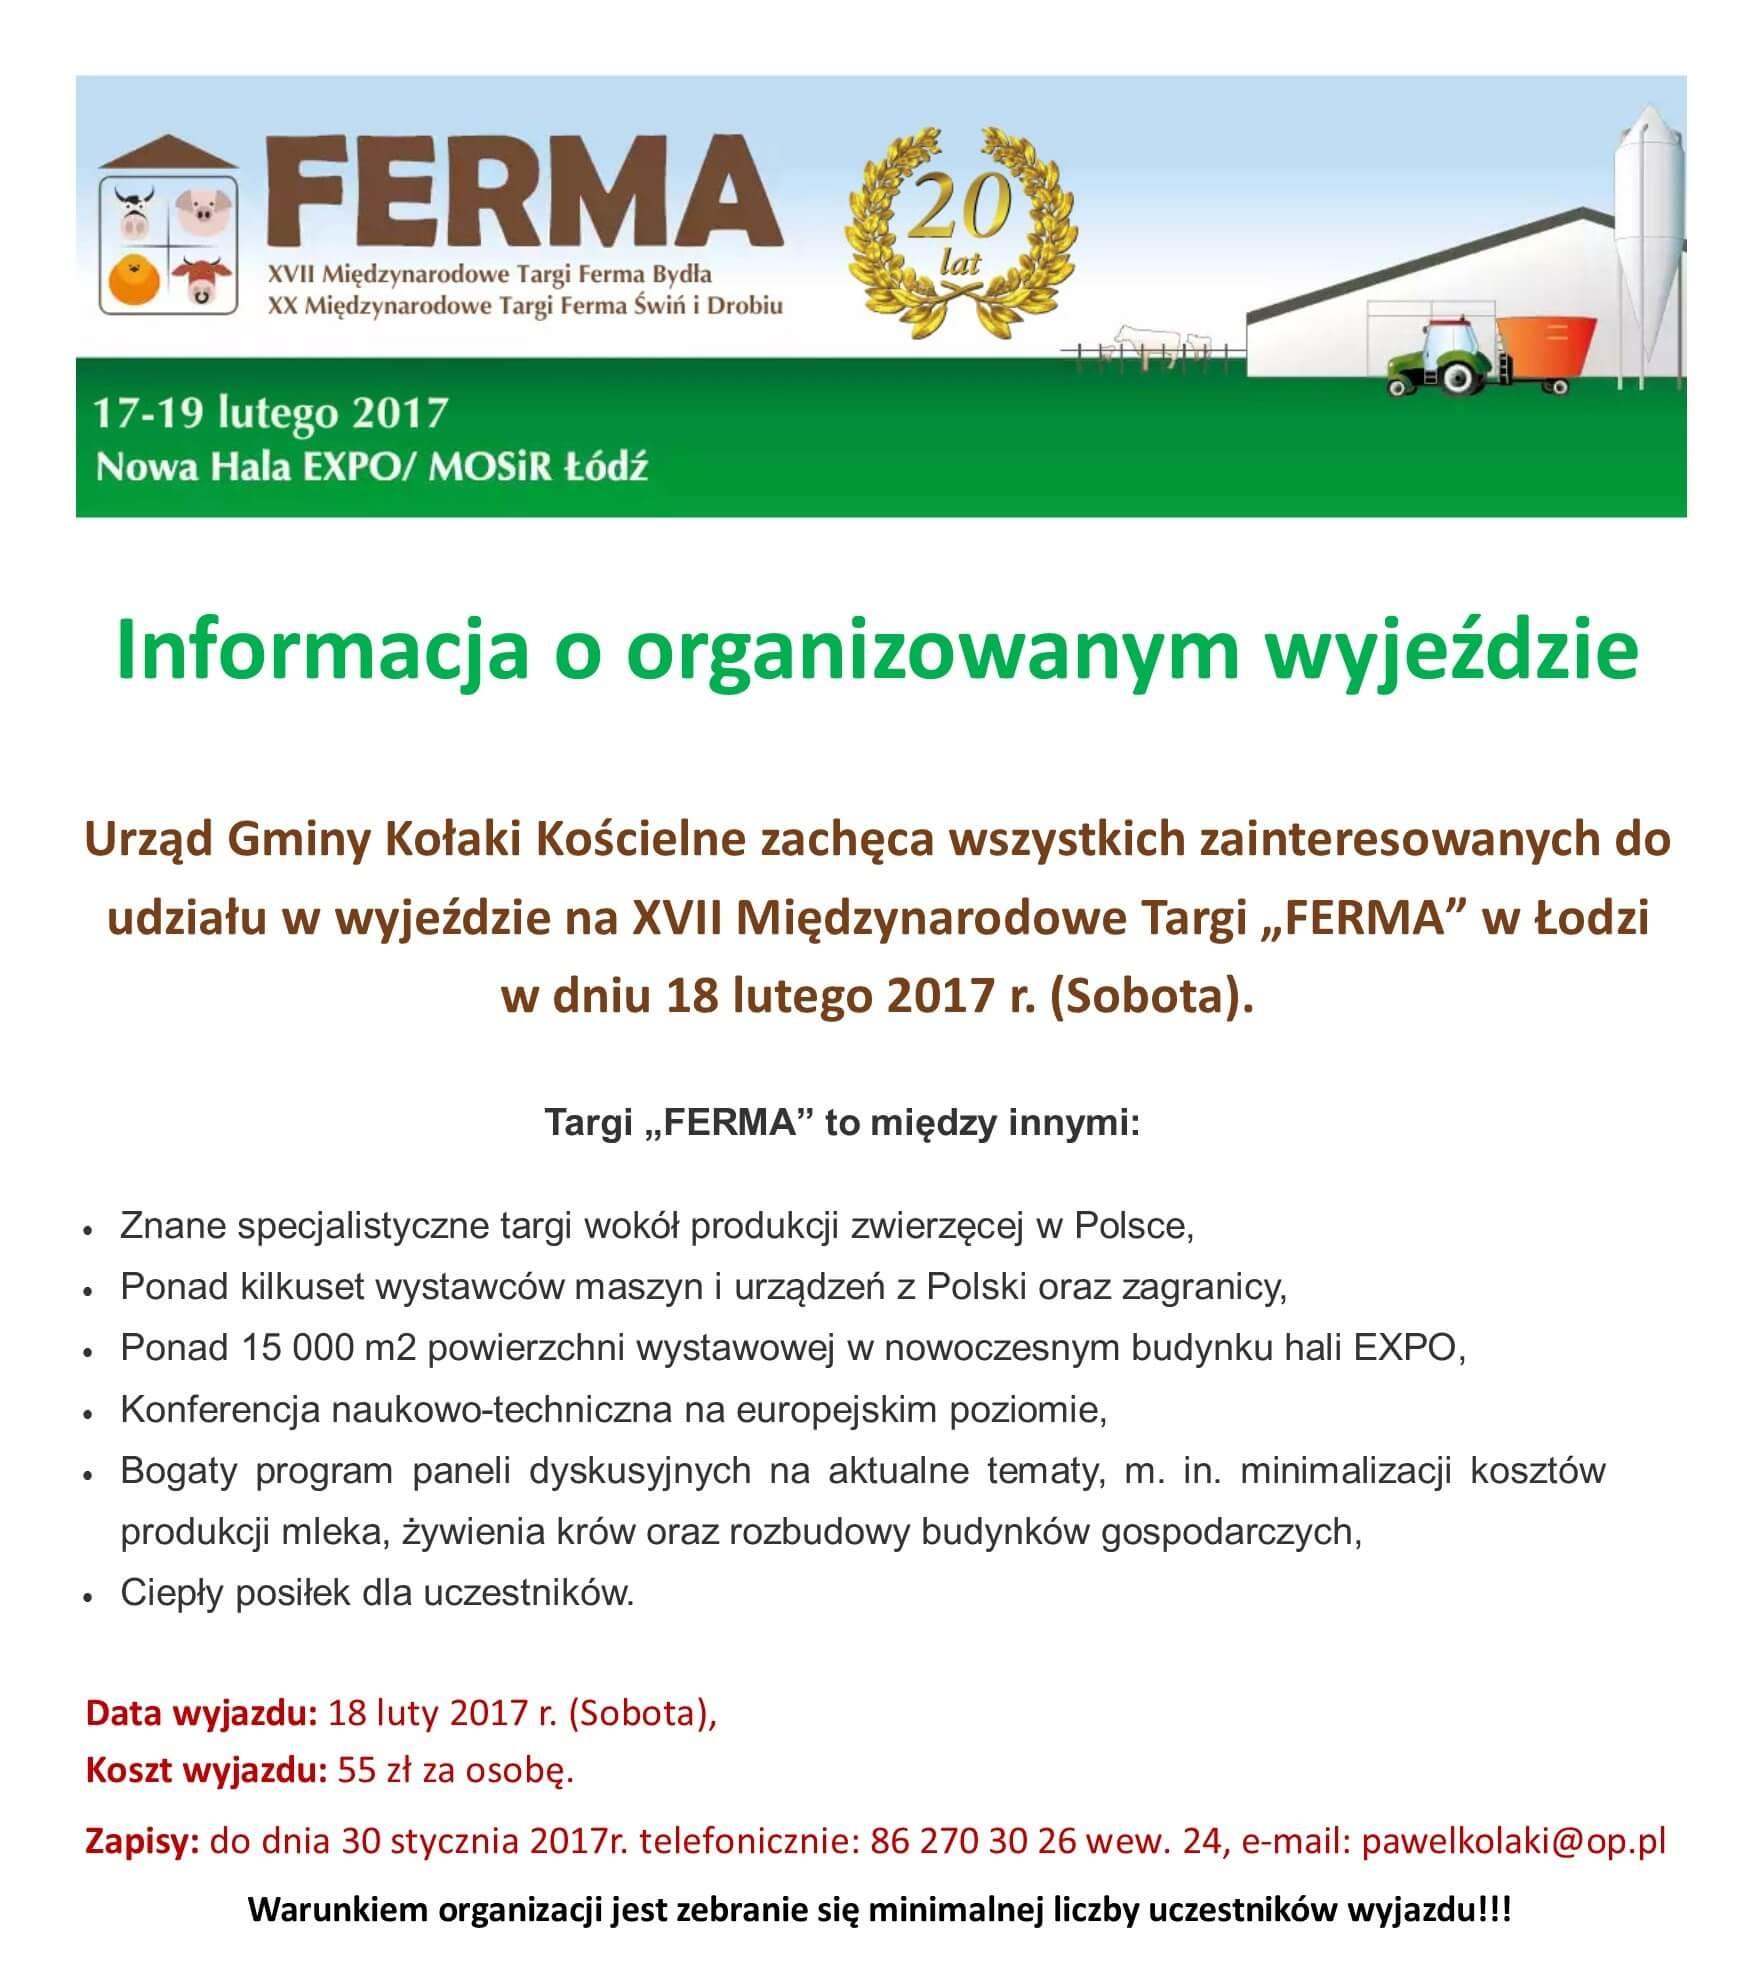 """Informacja o organizowanym wyjeździe na targi """"FERMA"""" w Łodzi"""